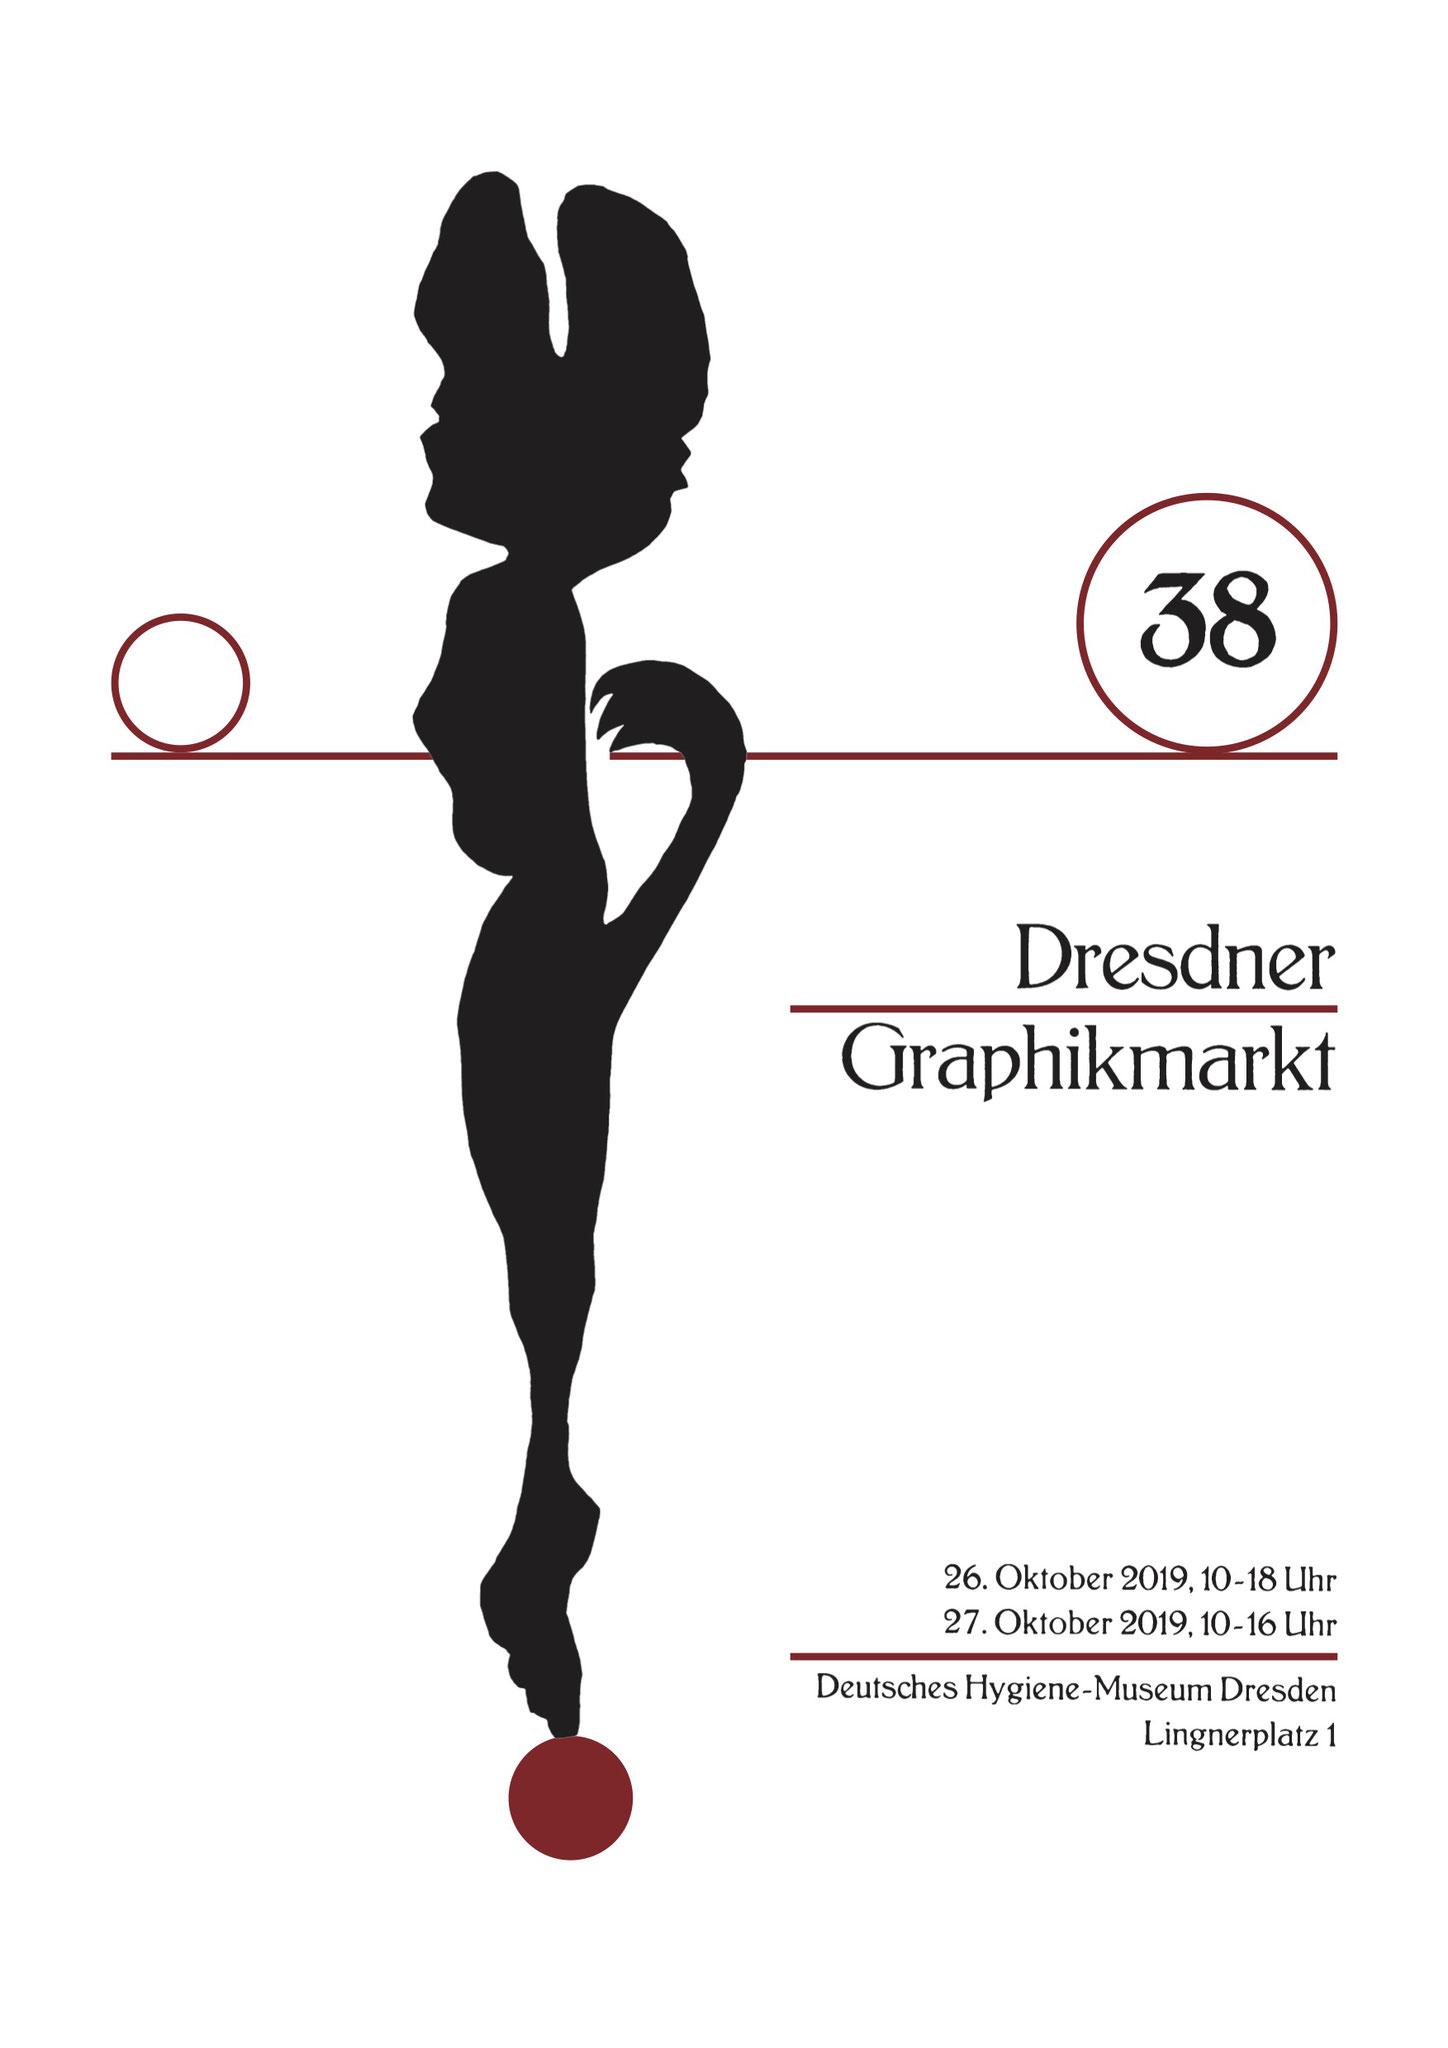 Plakat 38. Dresdner Graphikmarkt 2019, Udo Haufe, Linolschnitt/Buchdruck